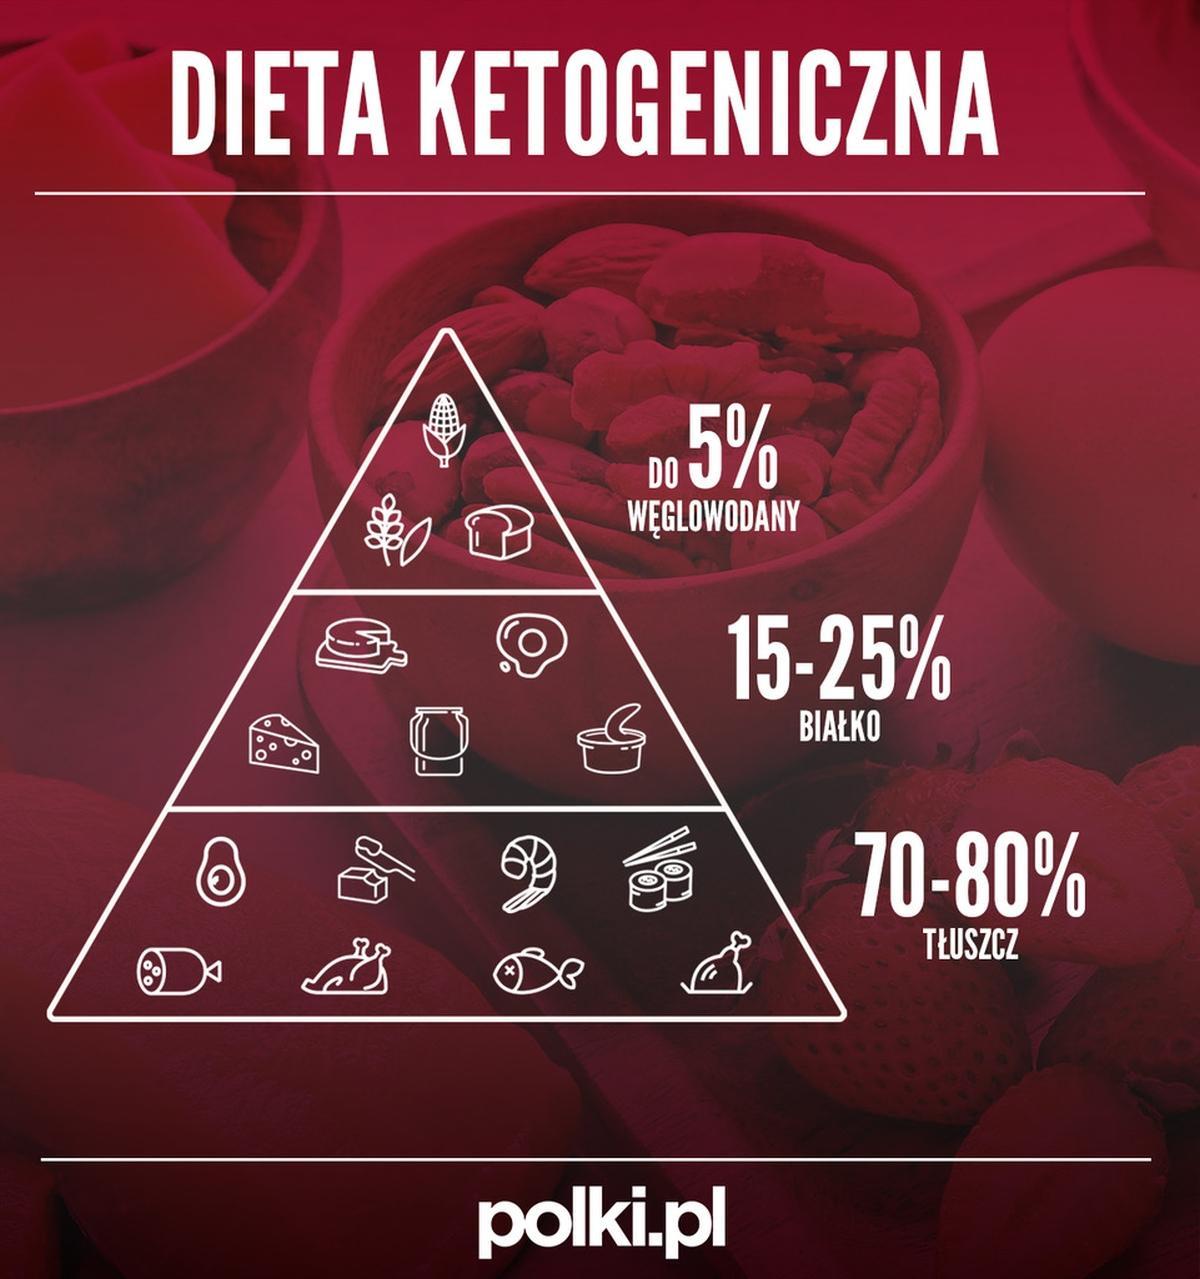 Dieta Ketogeniczna Co Jesc I Jak Ukladac Keto Jadlospis